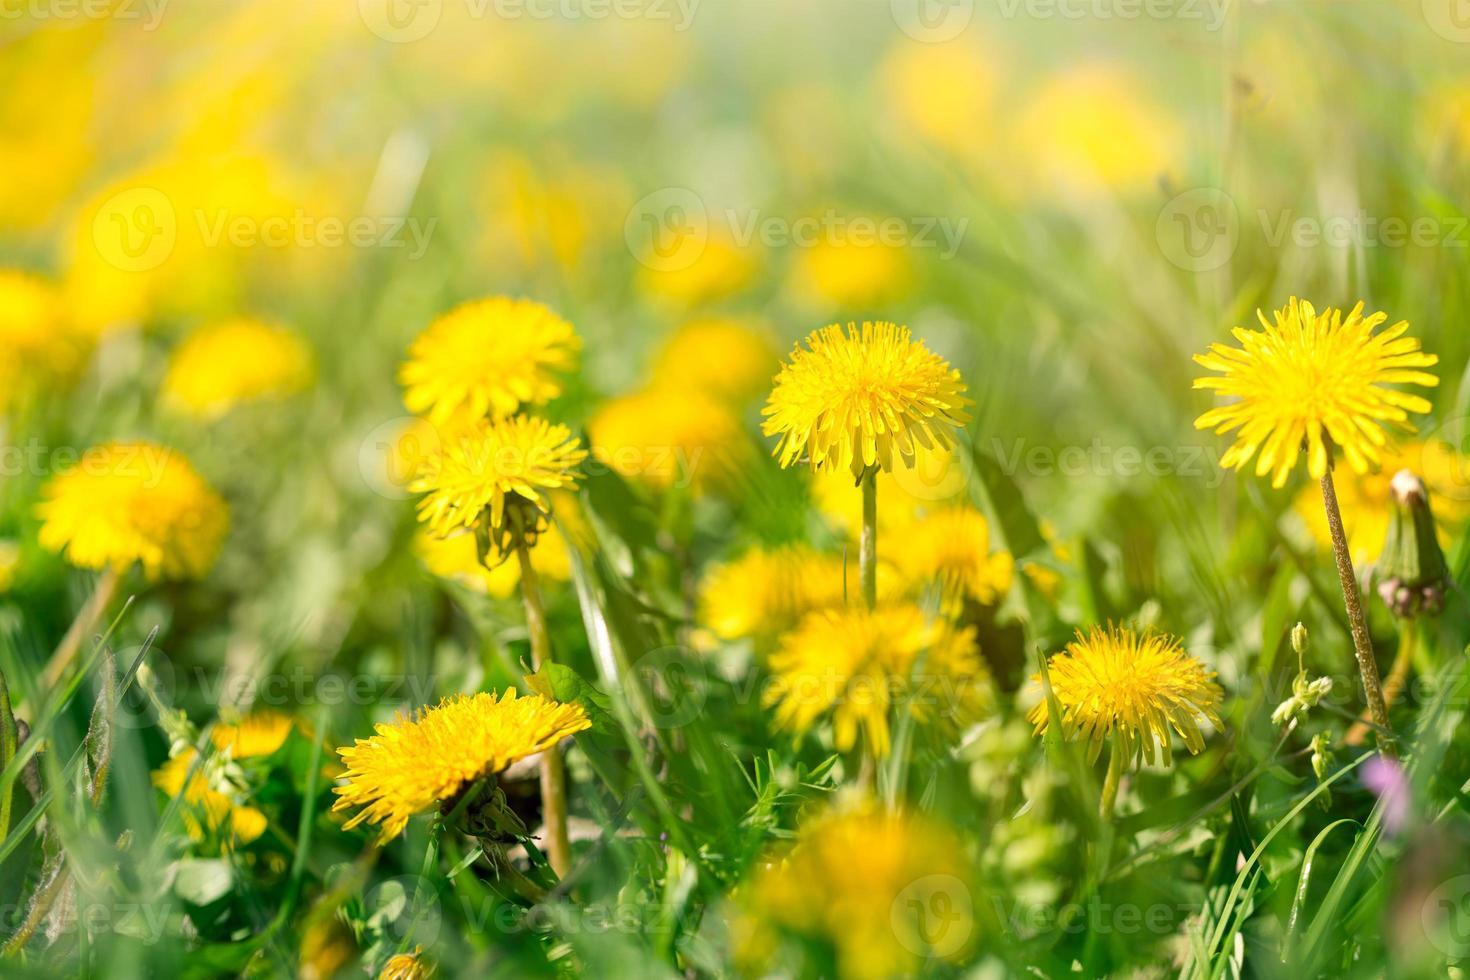 lentebloem - paardebloem bloemen foto